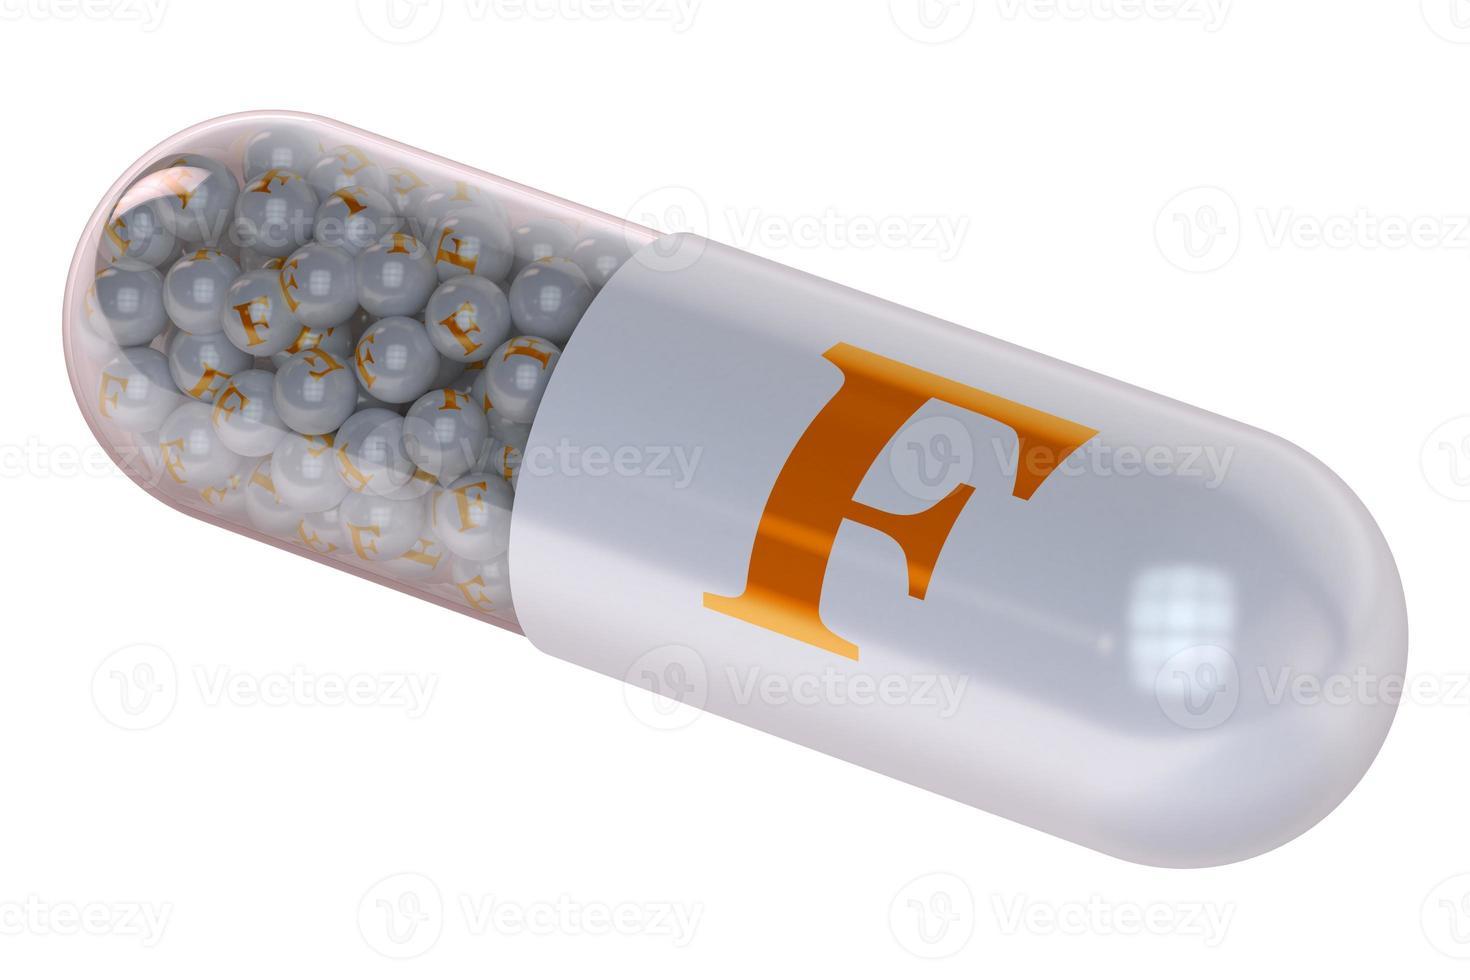 capsula vitaminica f foto